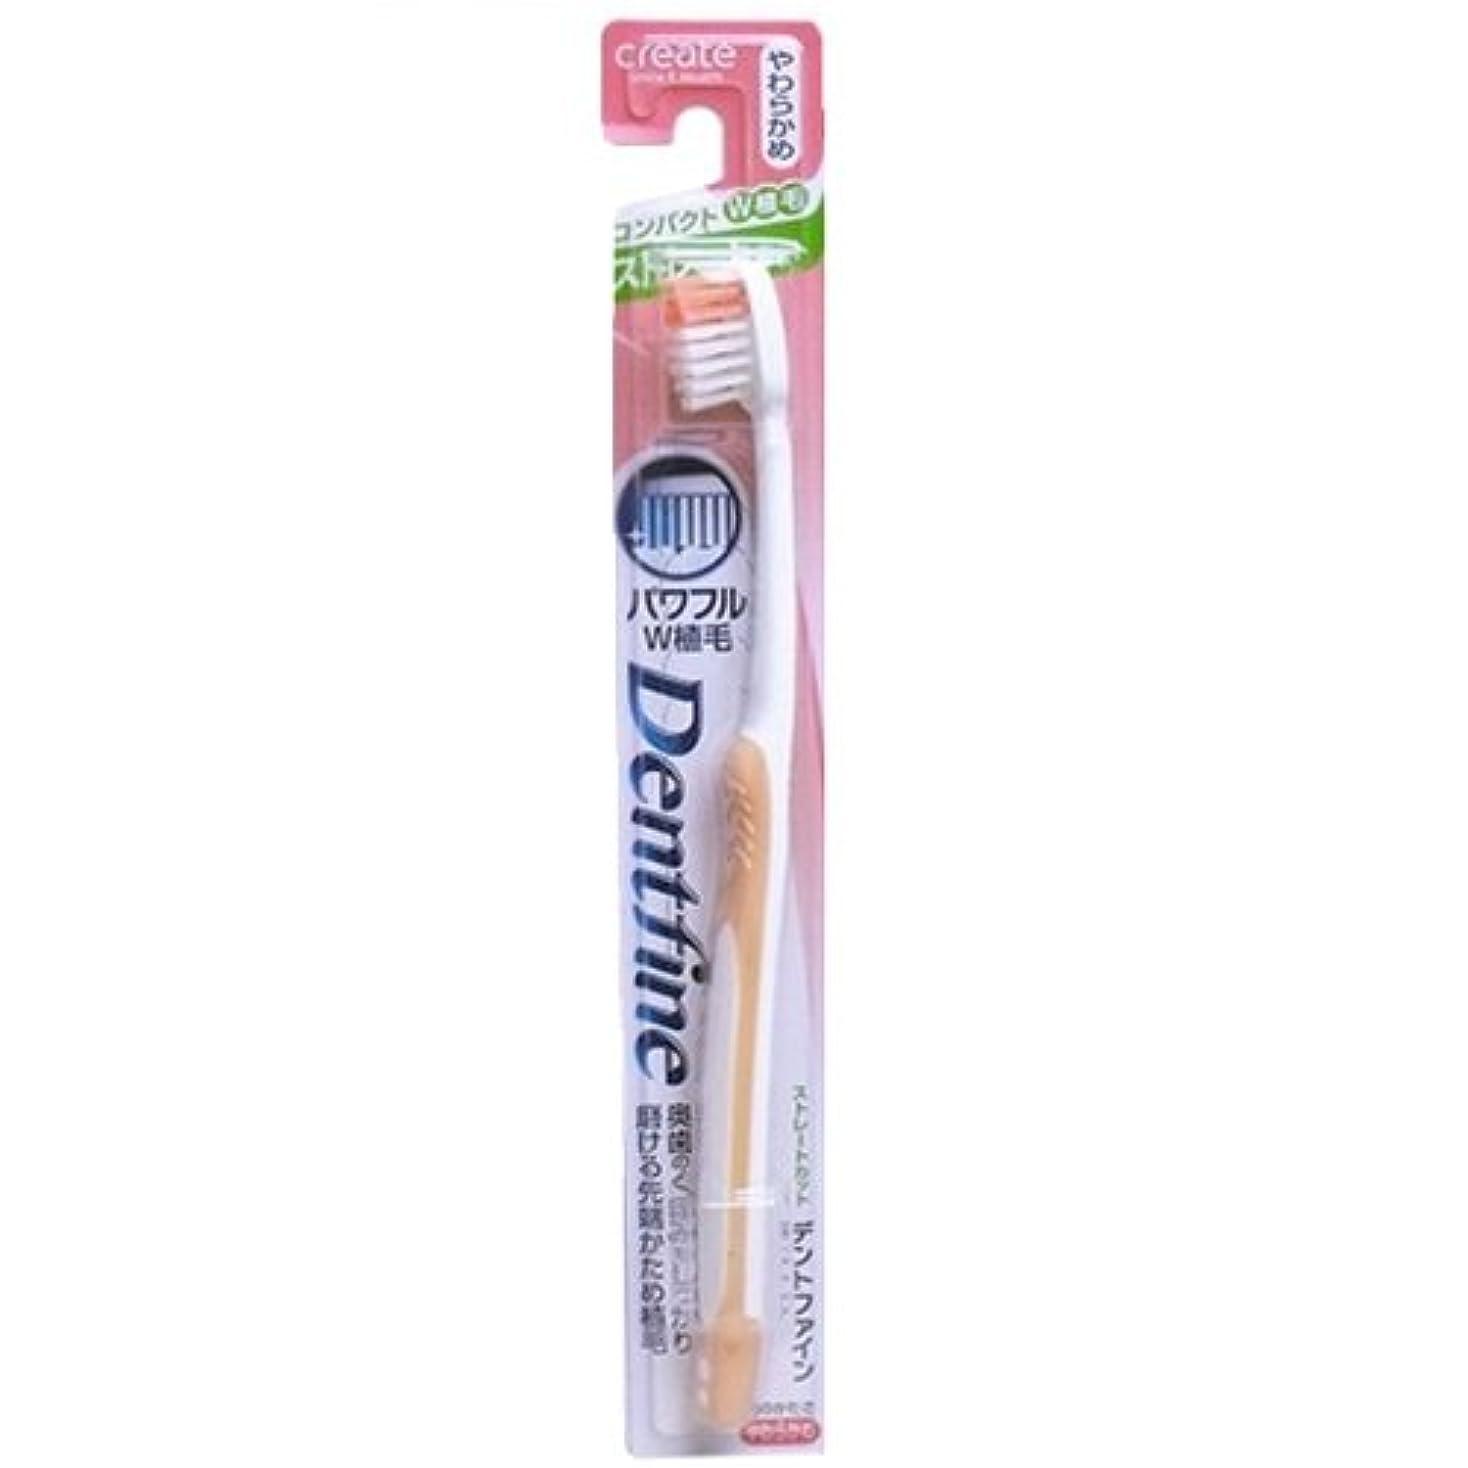 羊韓国語マイクロデントファインラバーグリップ ストレートカット歯ブラシ やわらかめ 1本:オレンジ